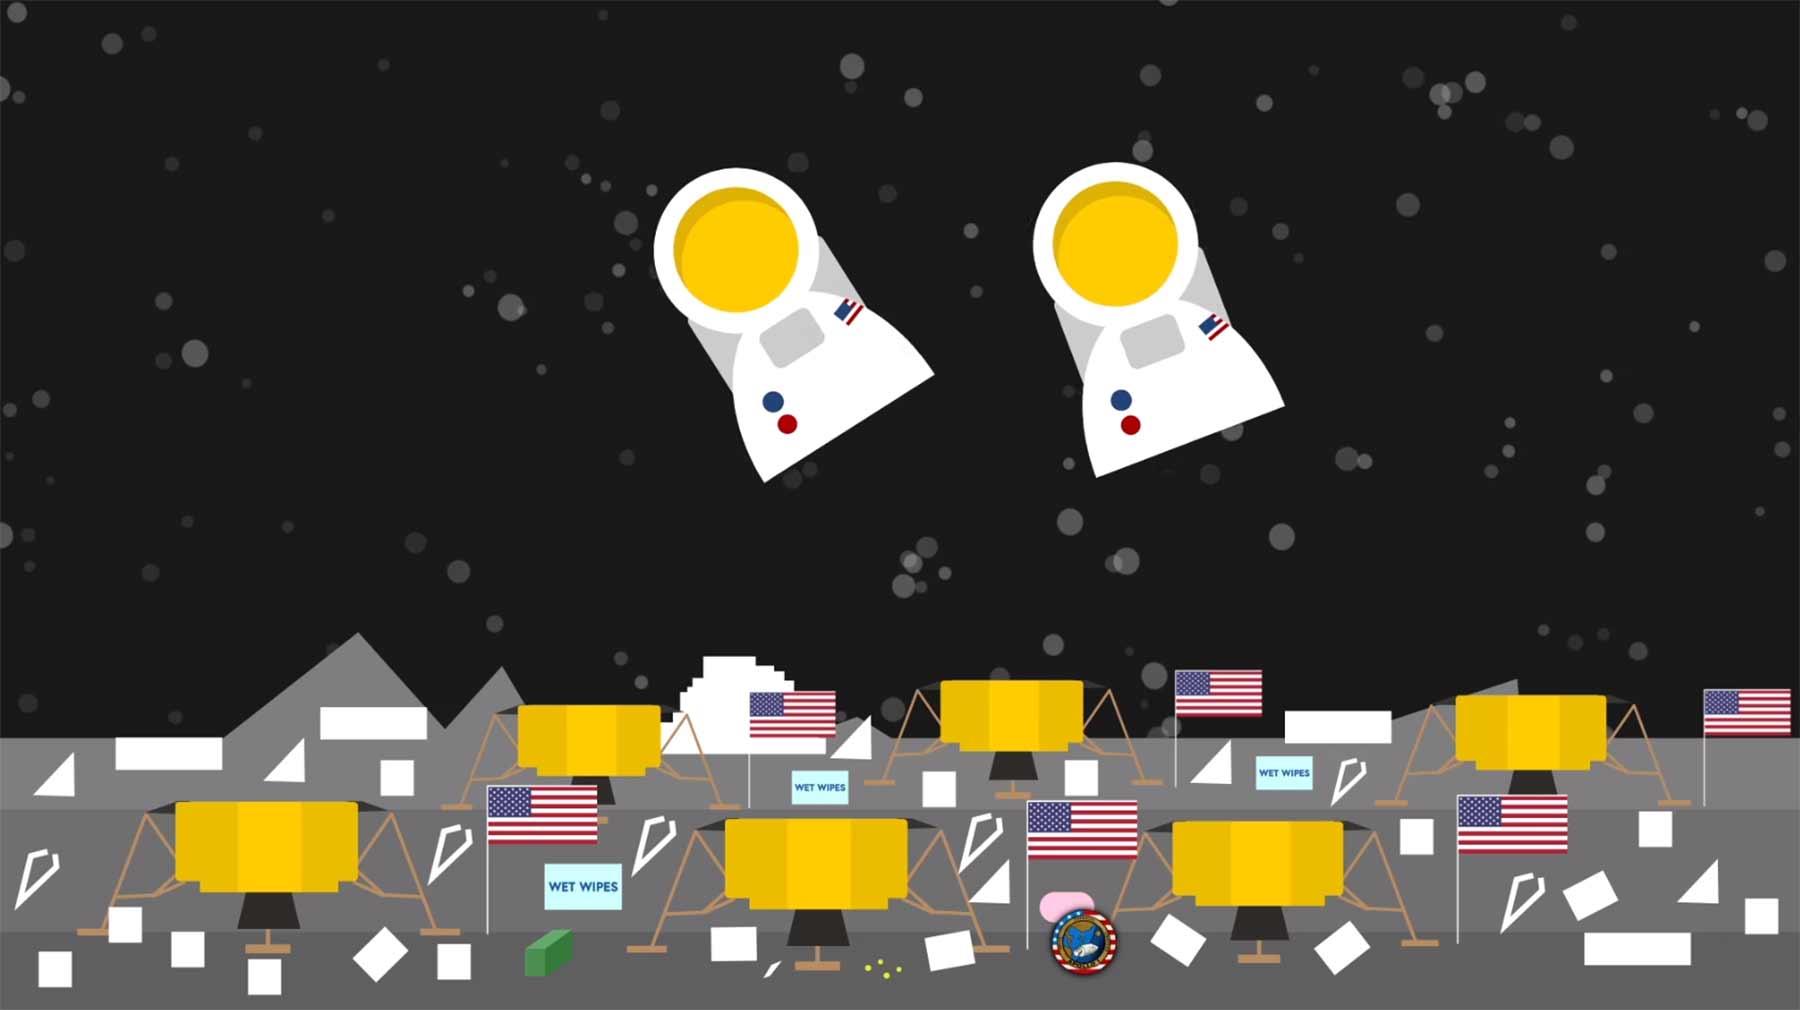 Diese 809 irdischen Dinge liegen noch auf dem Mond